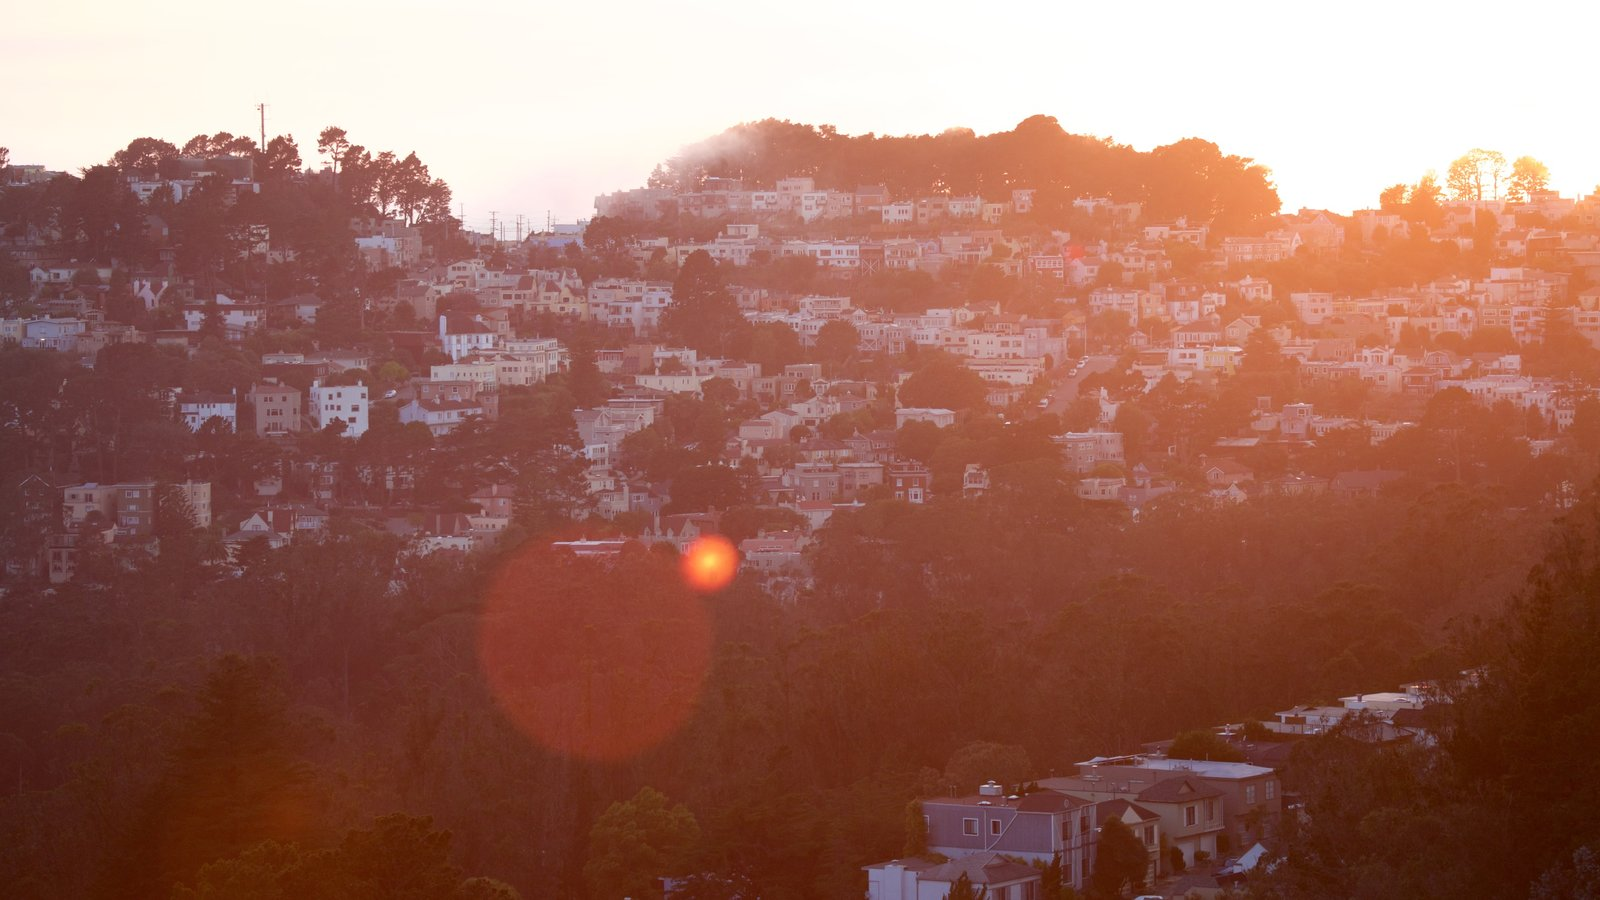 Twin Peaks mostrando uma cidade e um pôr do sol